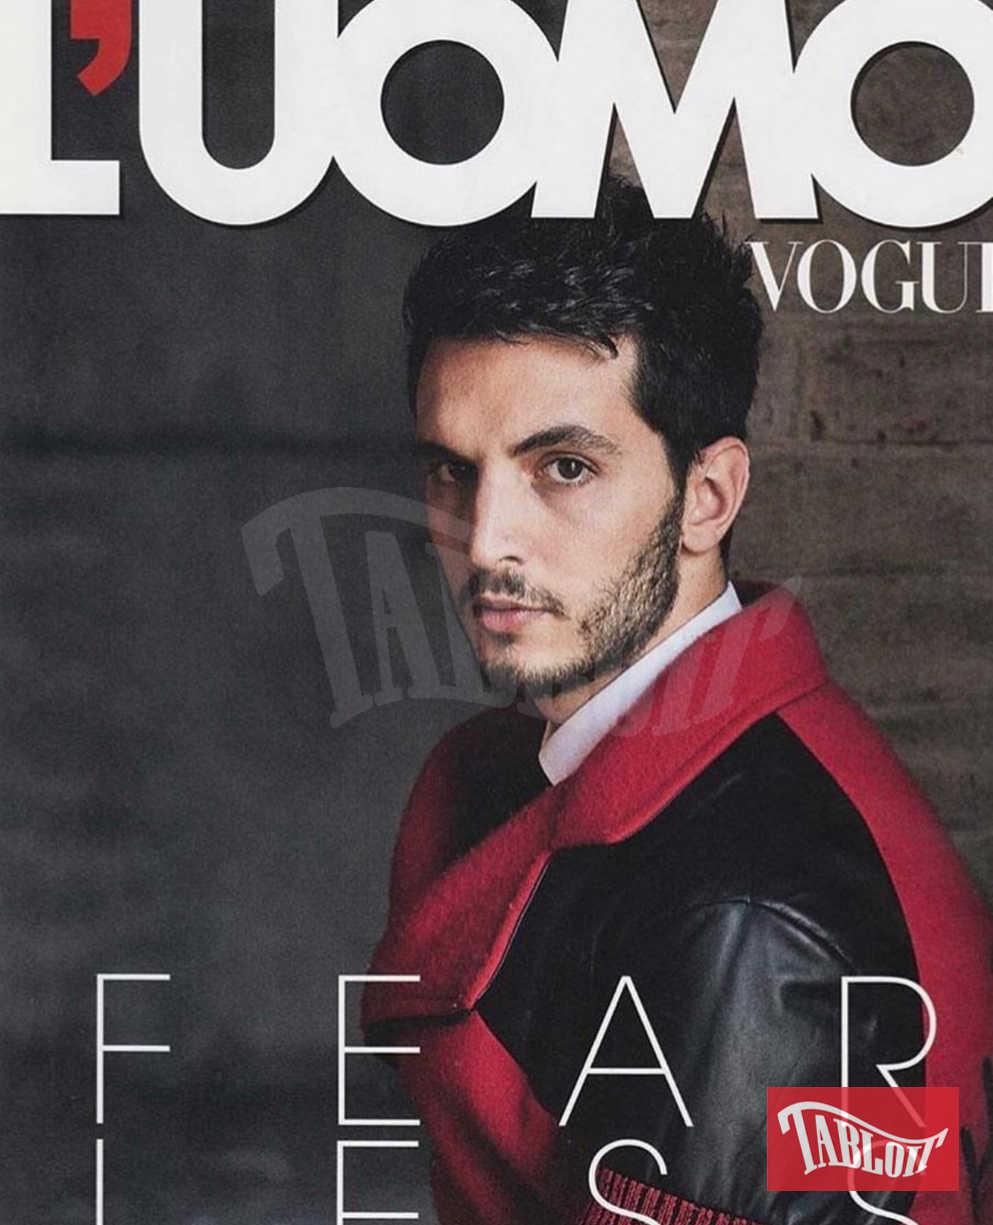 Giacomo Ferrara icona fashion: eccolo sulla copertina dell'Uomo Vogue